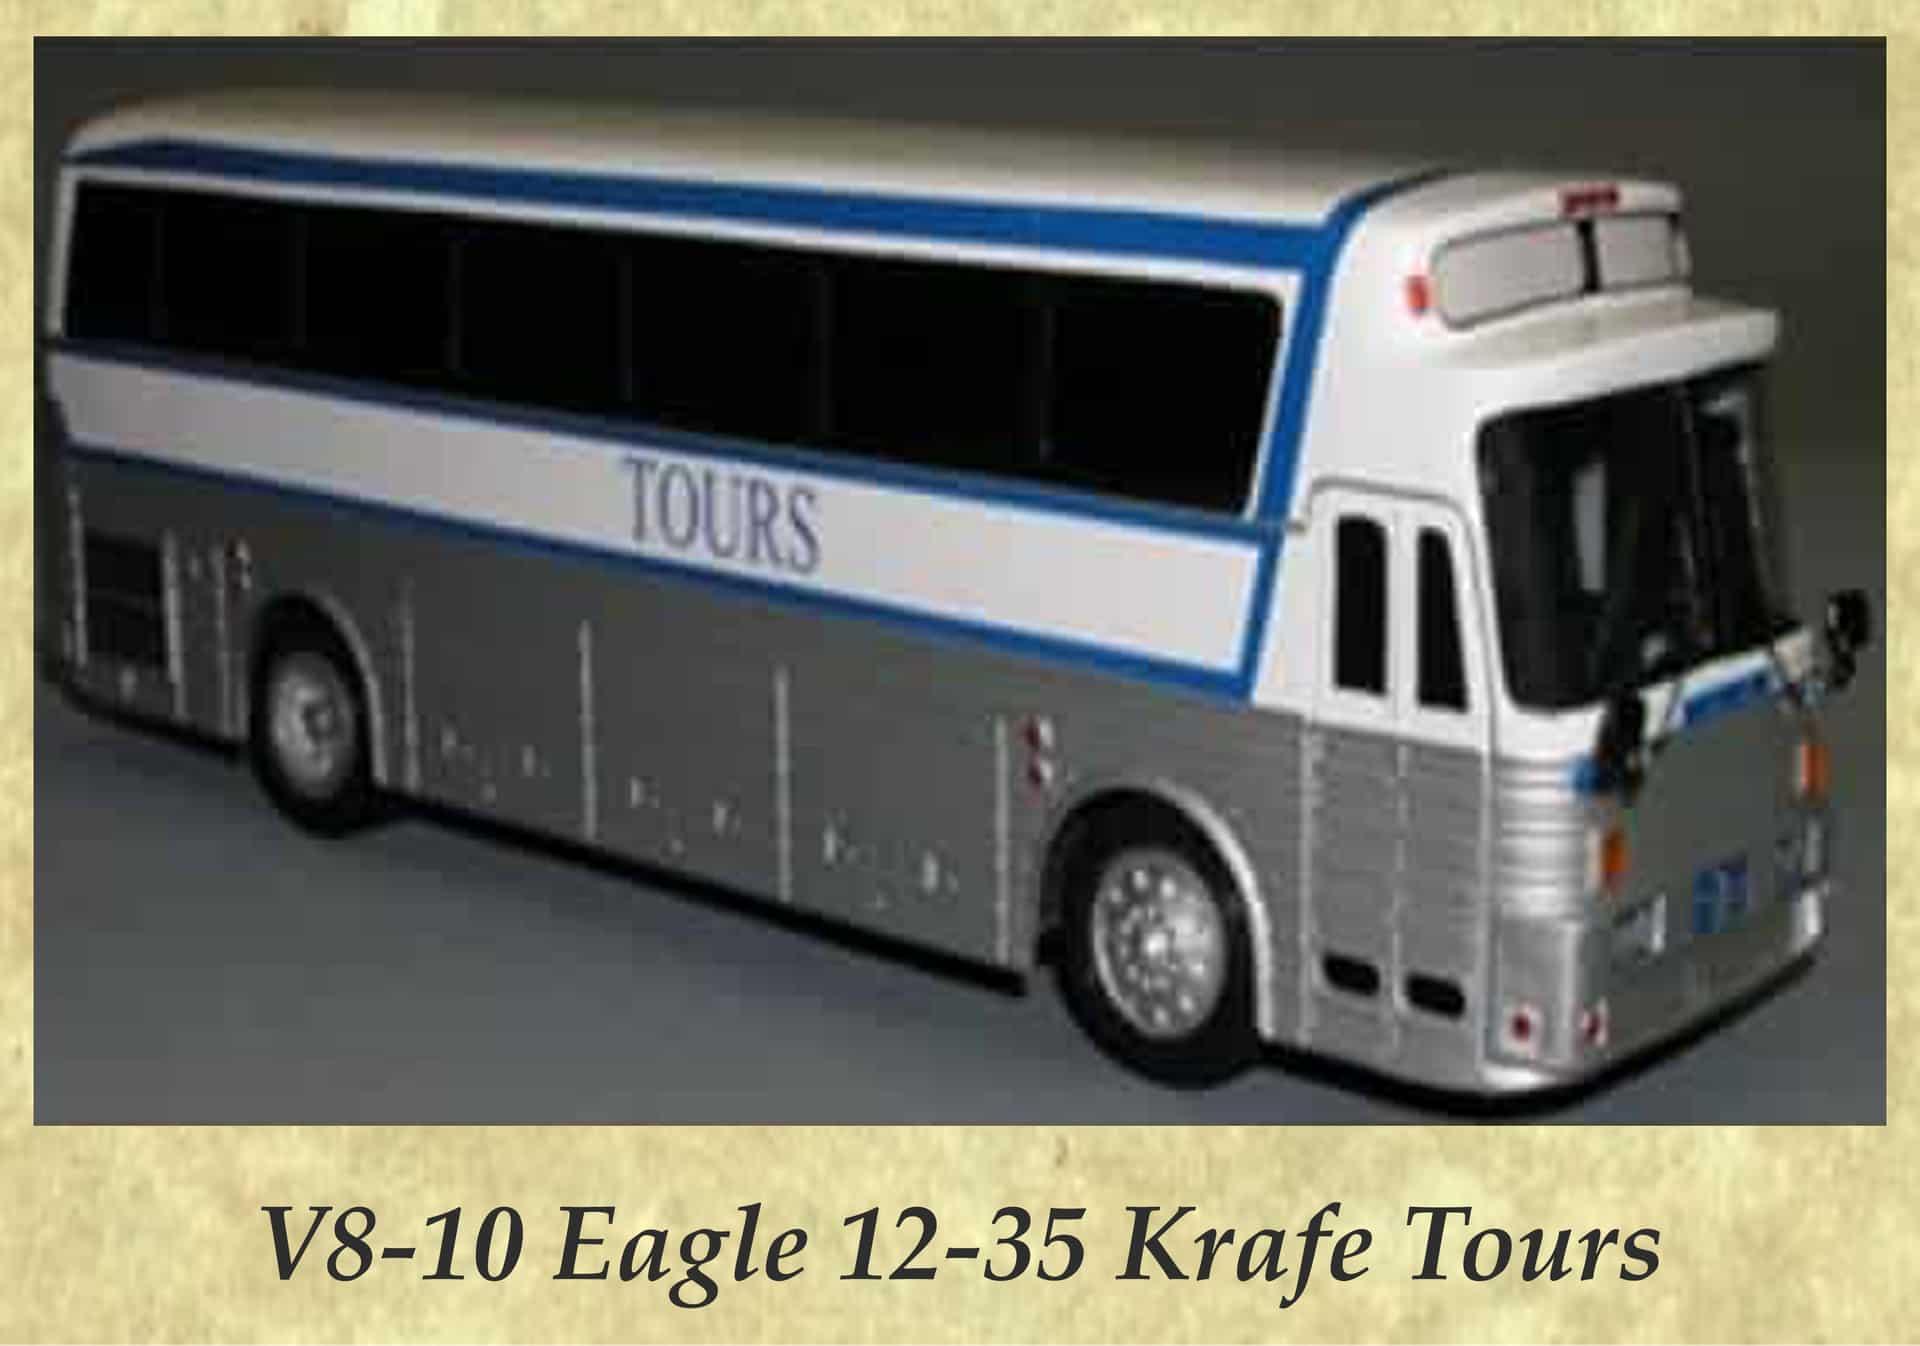 V8-10 Eagle 12-35 Krafe Tours